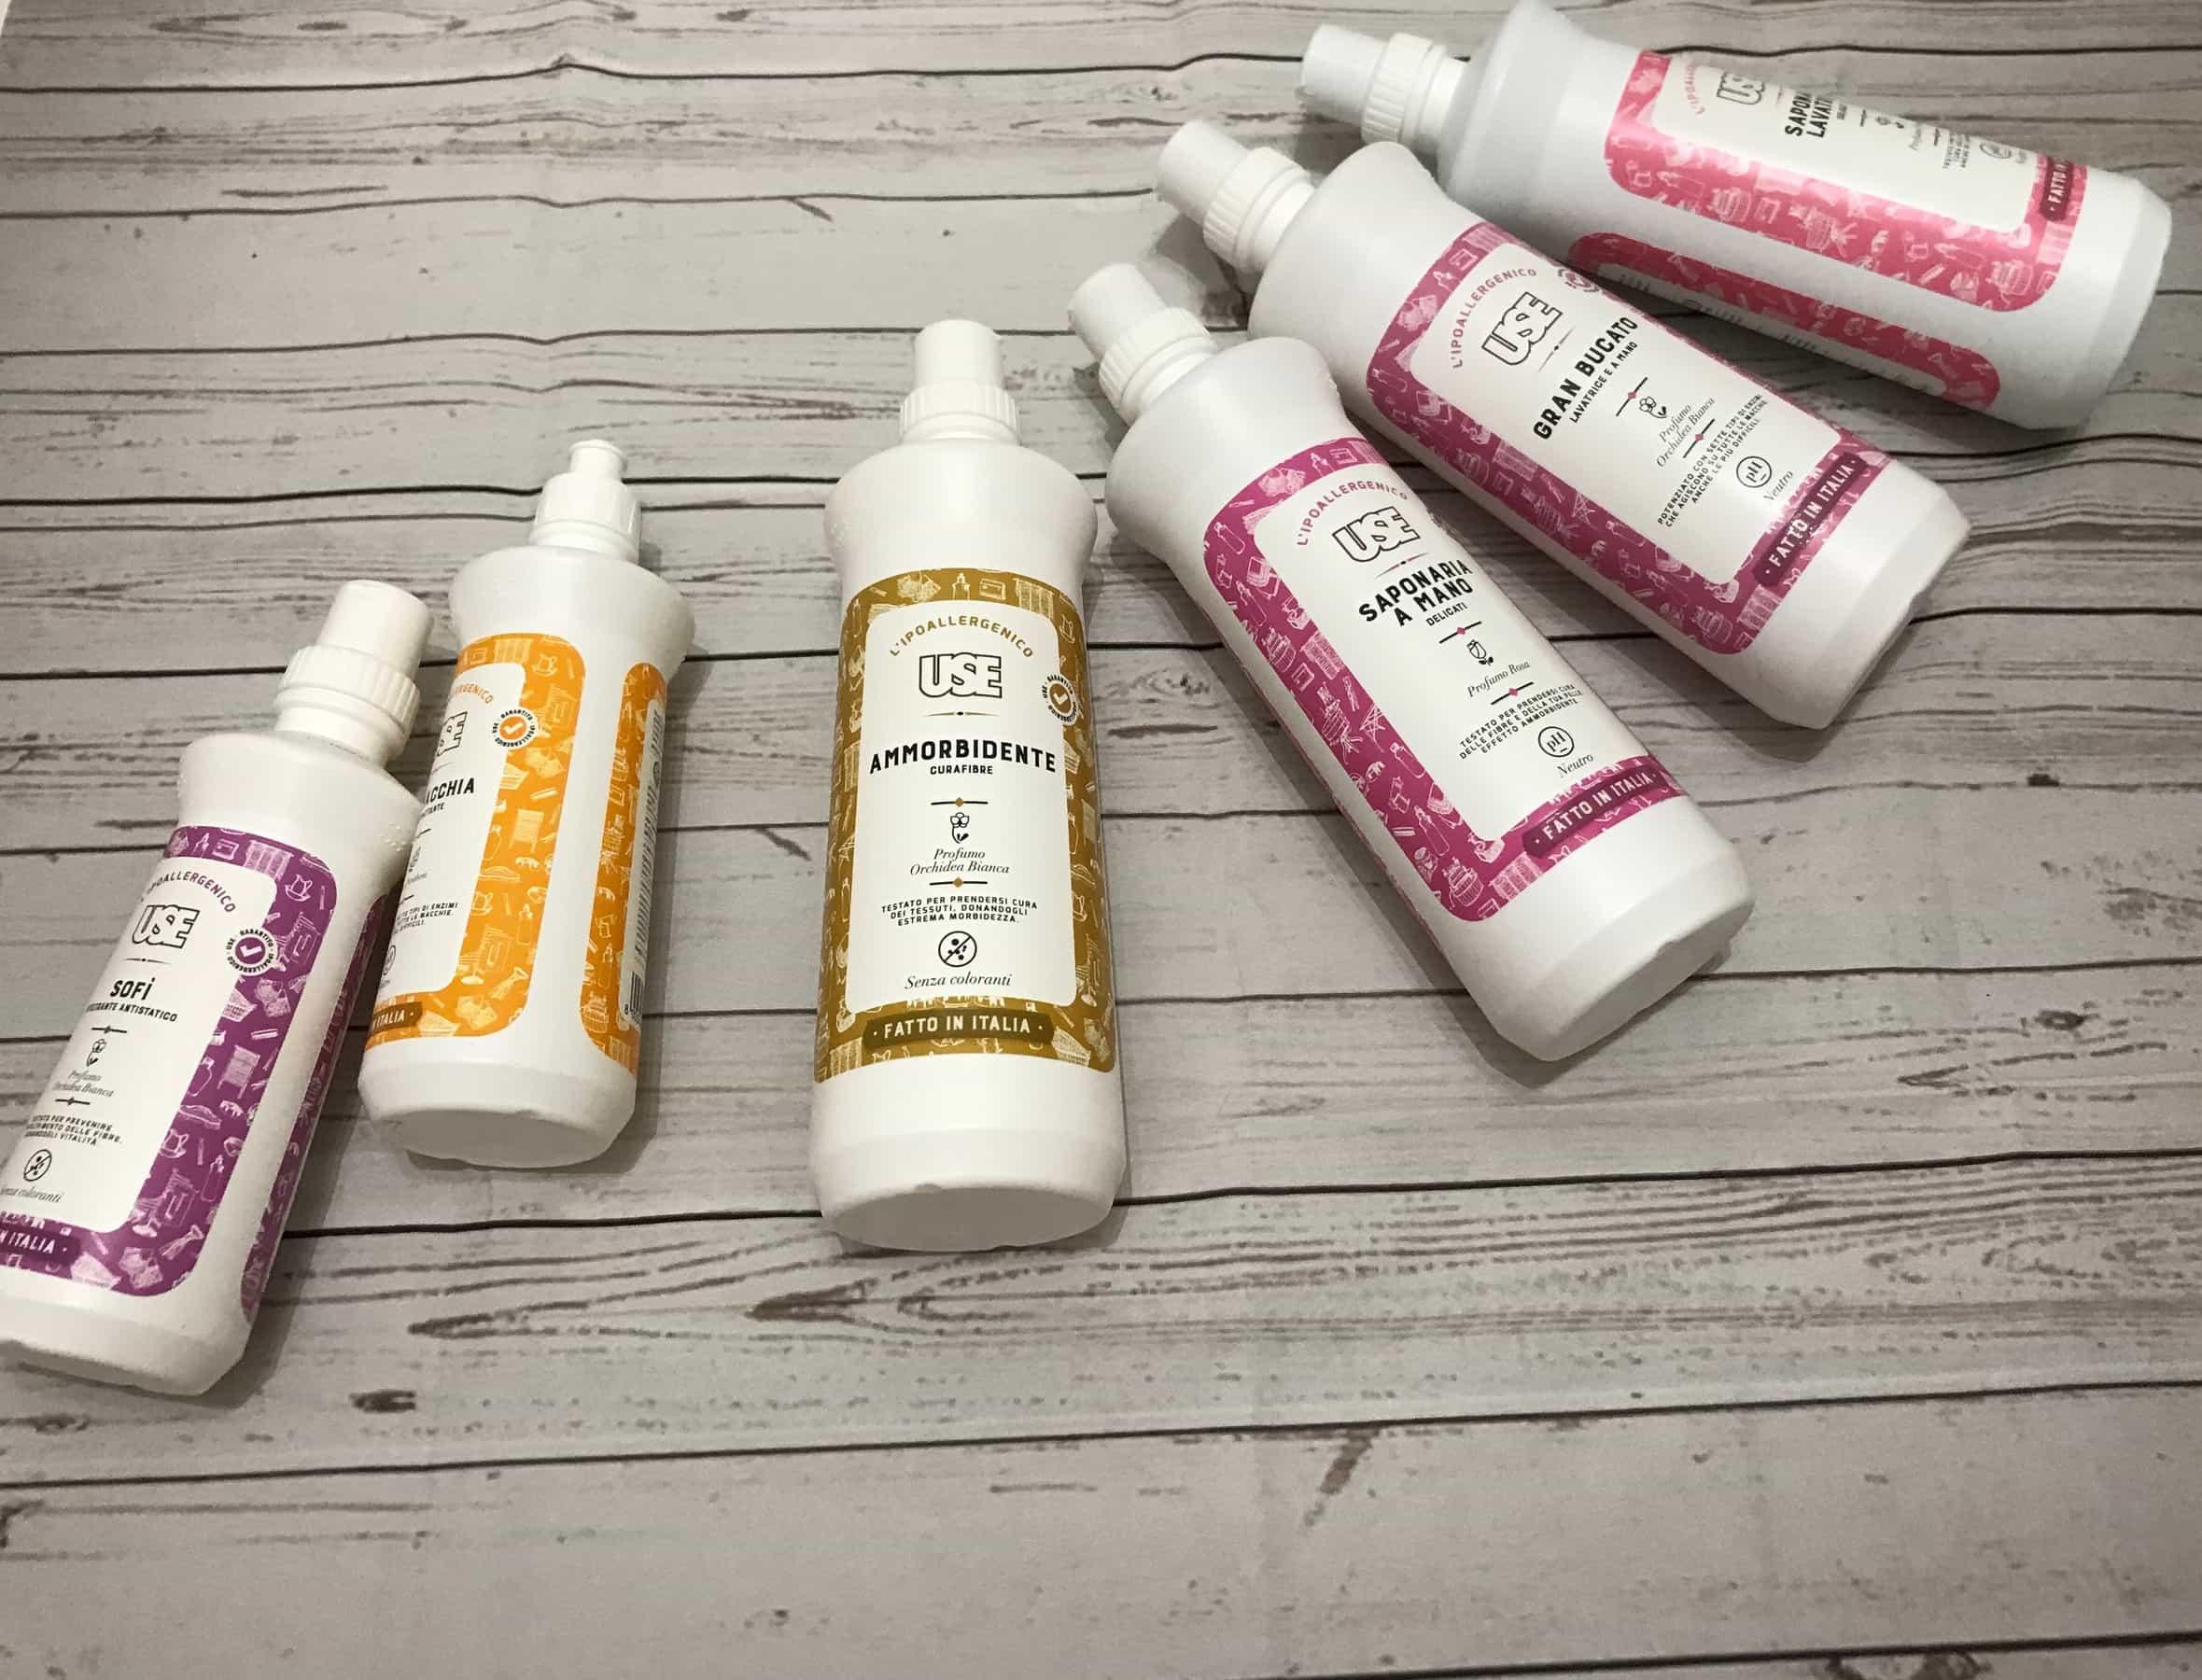 Prodotti USE – Detergenti ipoallergenici per la casa